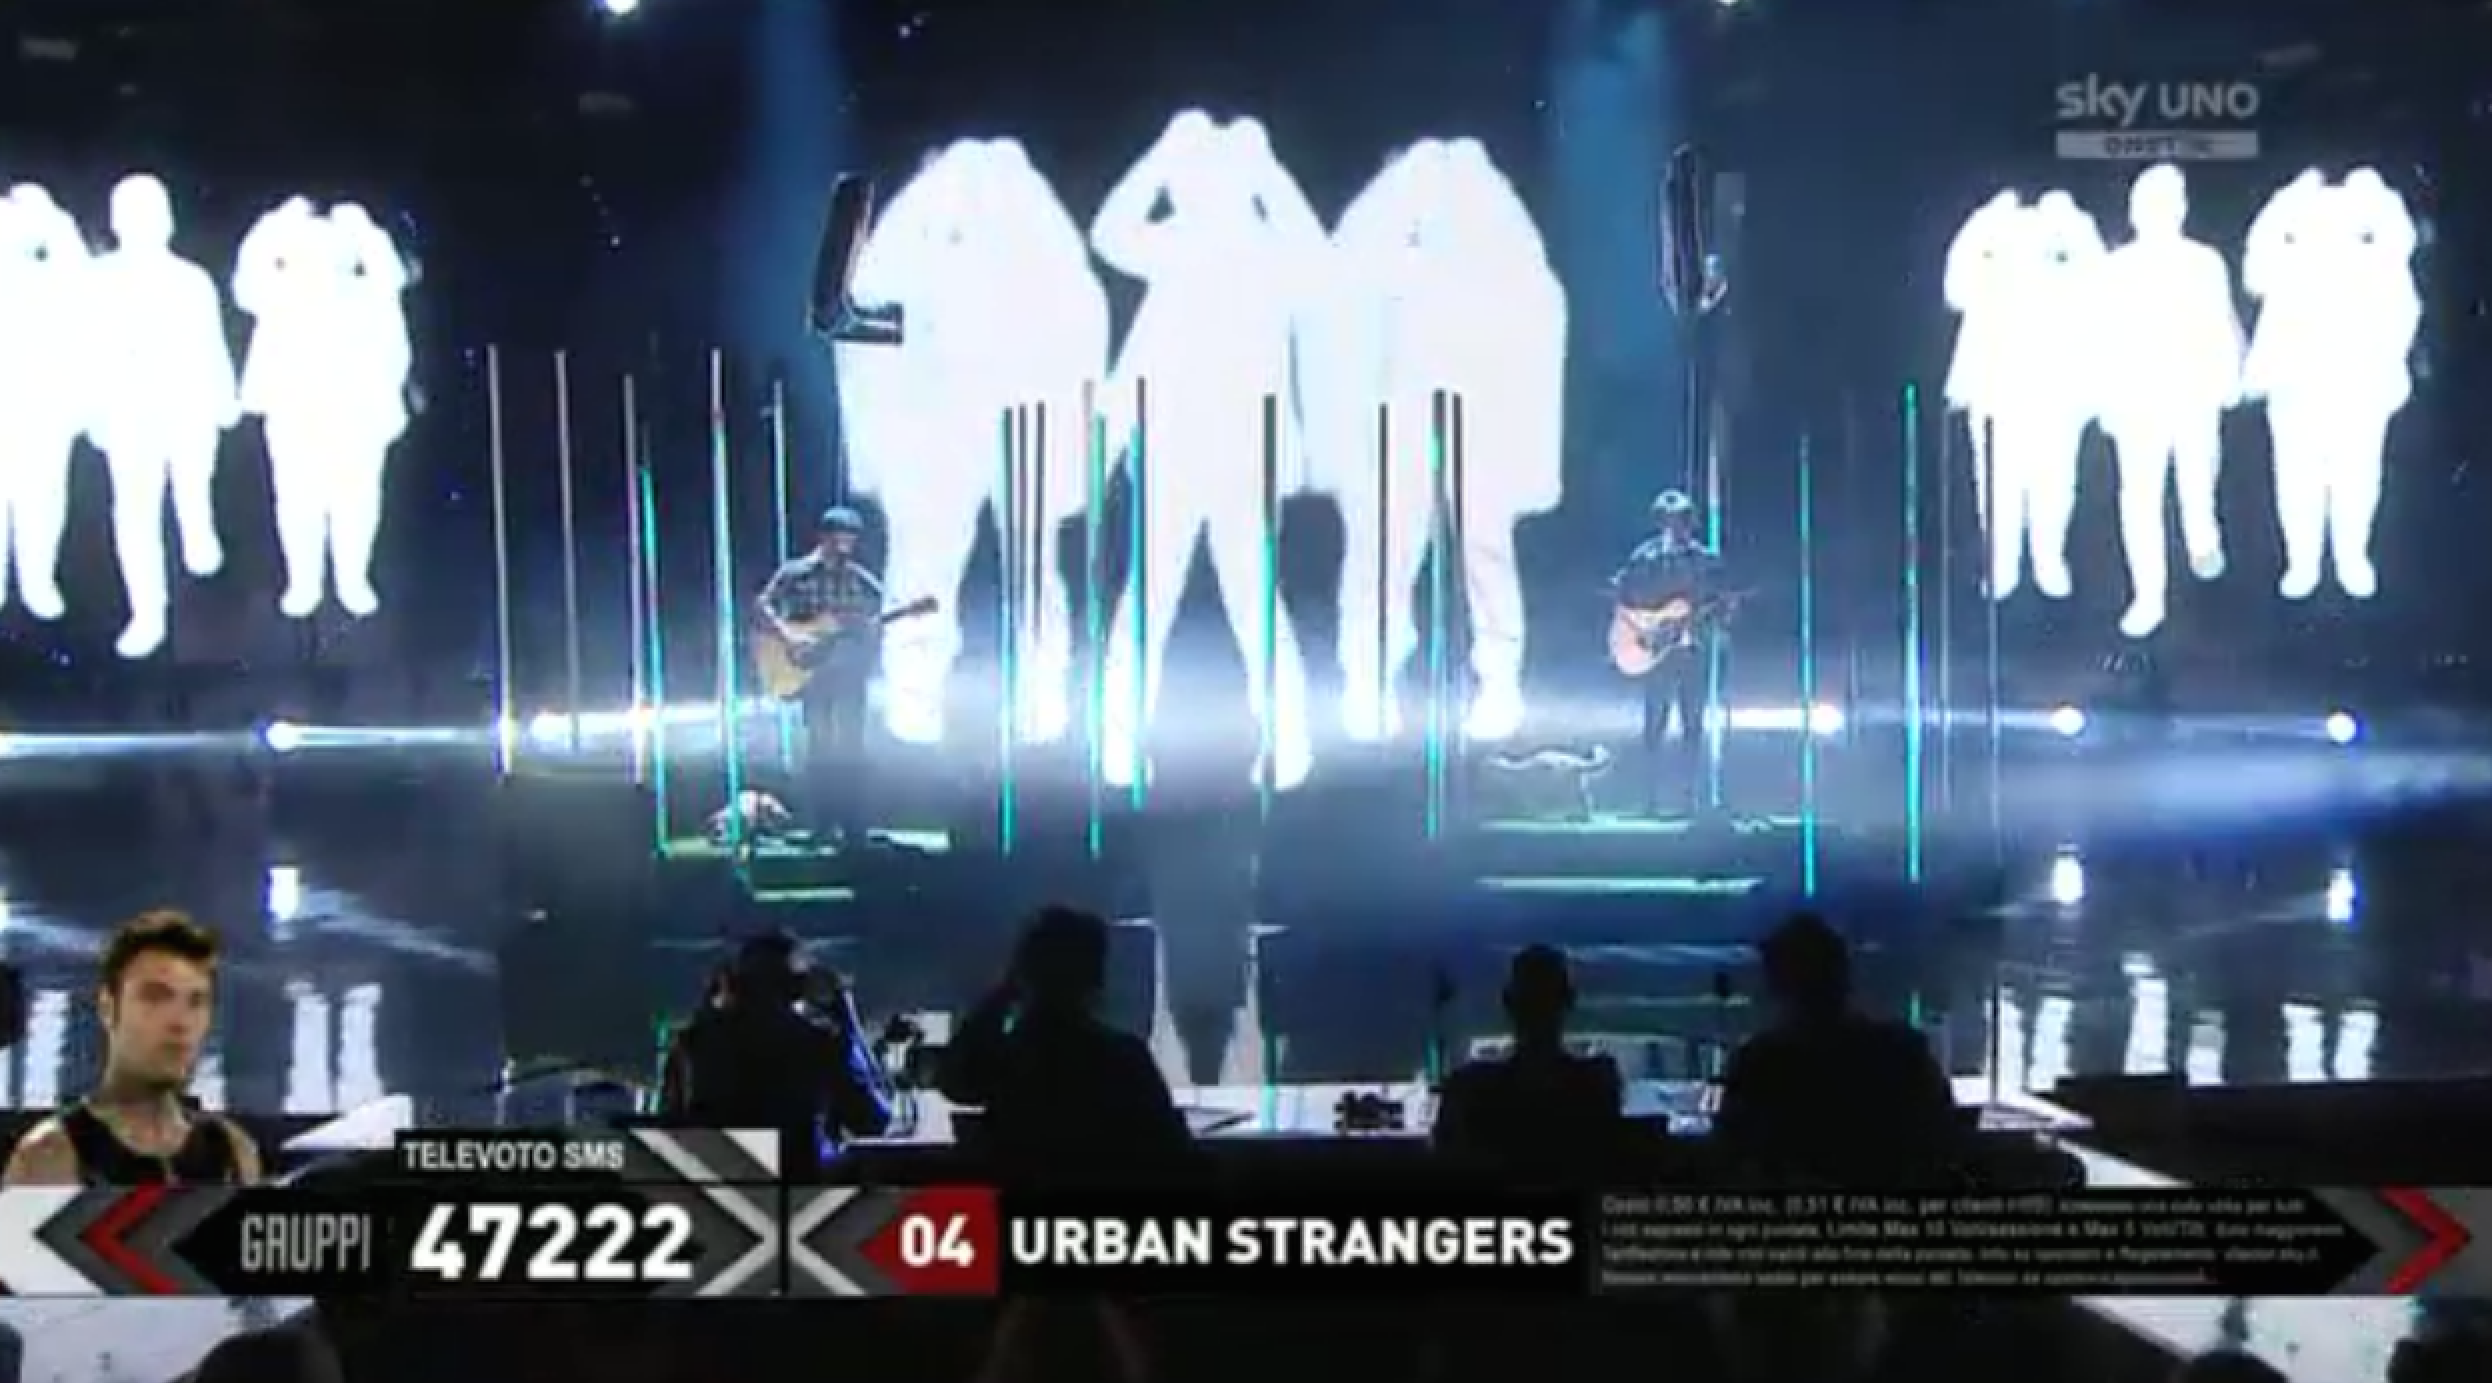 14 Gli Urban Strangers nella seconda manche del sesto Live Show